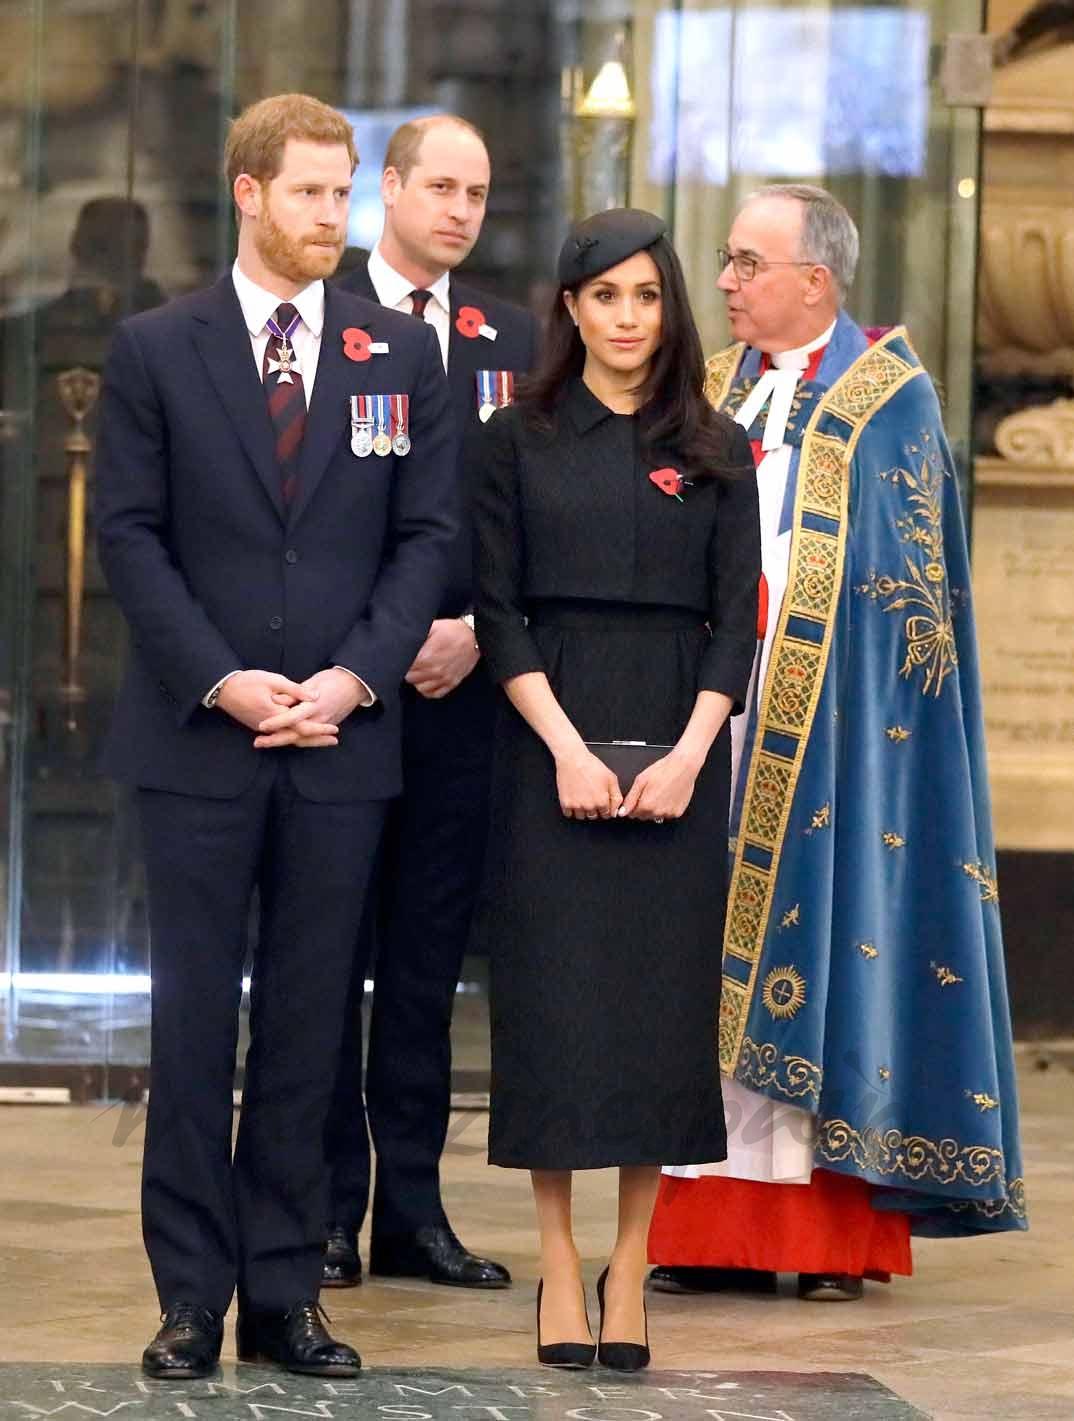 Príncipe Guillermo, Meghan Markle y Príncipe Harry